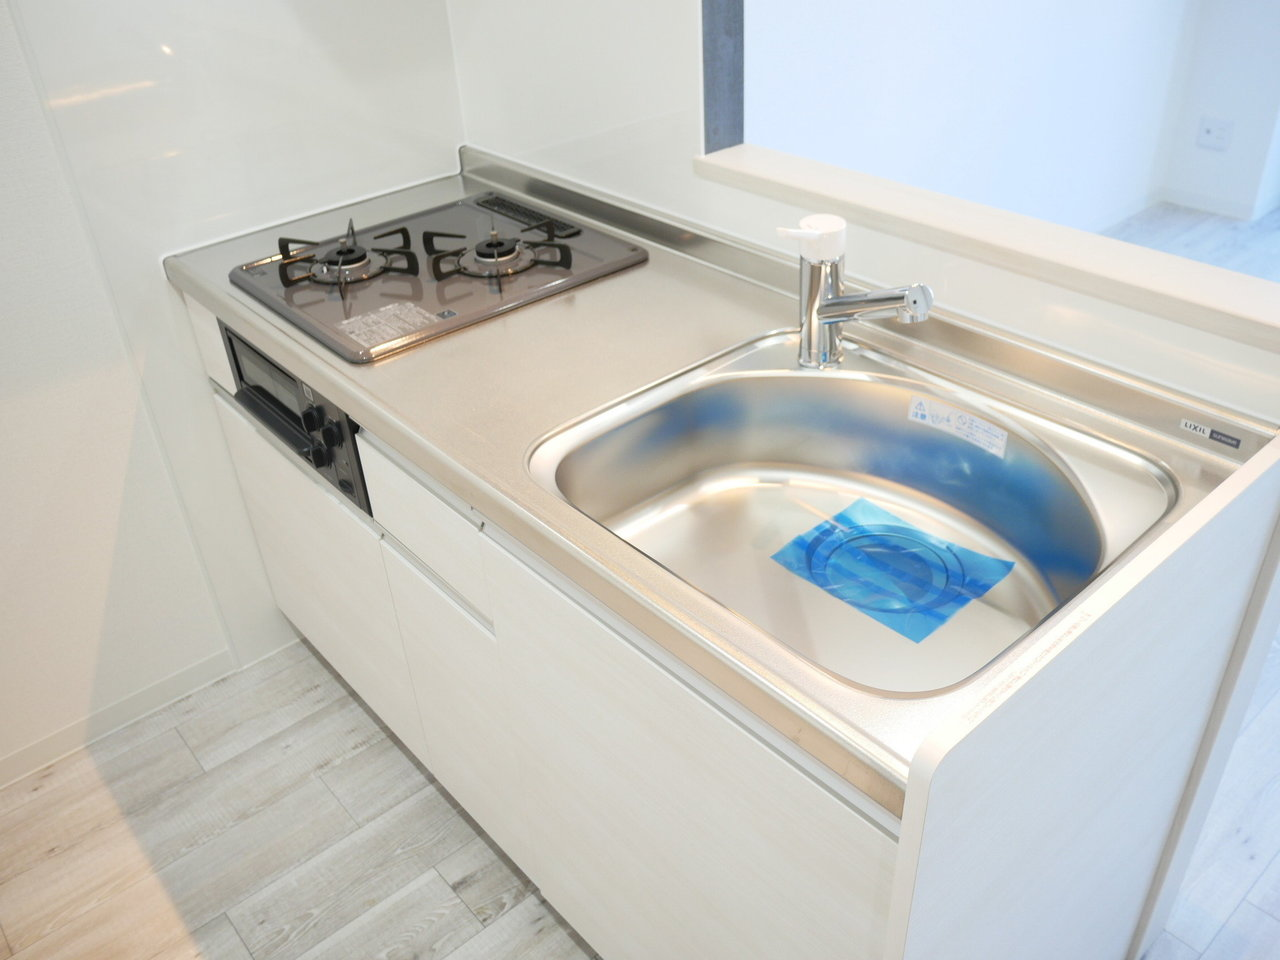 キッチンも広々としていて、しかもカウンター式! 収納スペースも二人分の食器ならシンクしたでおさまりそうですね。